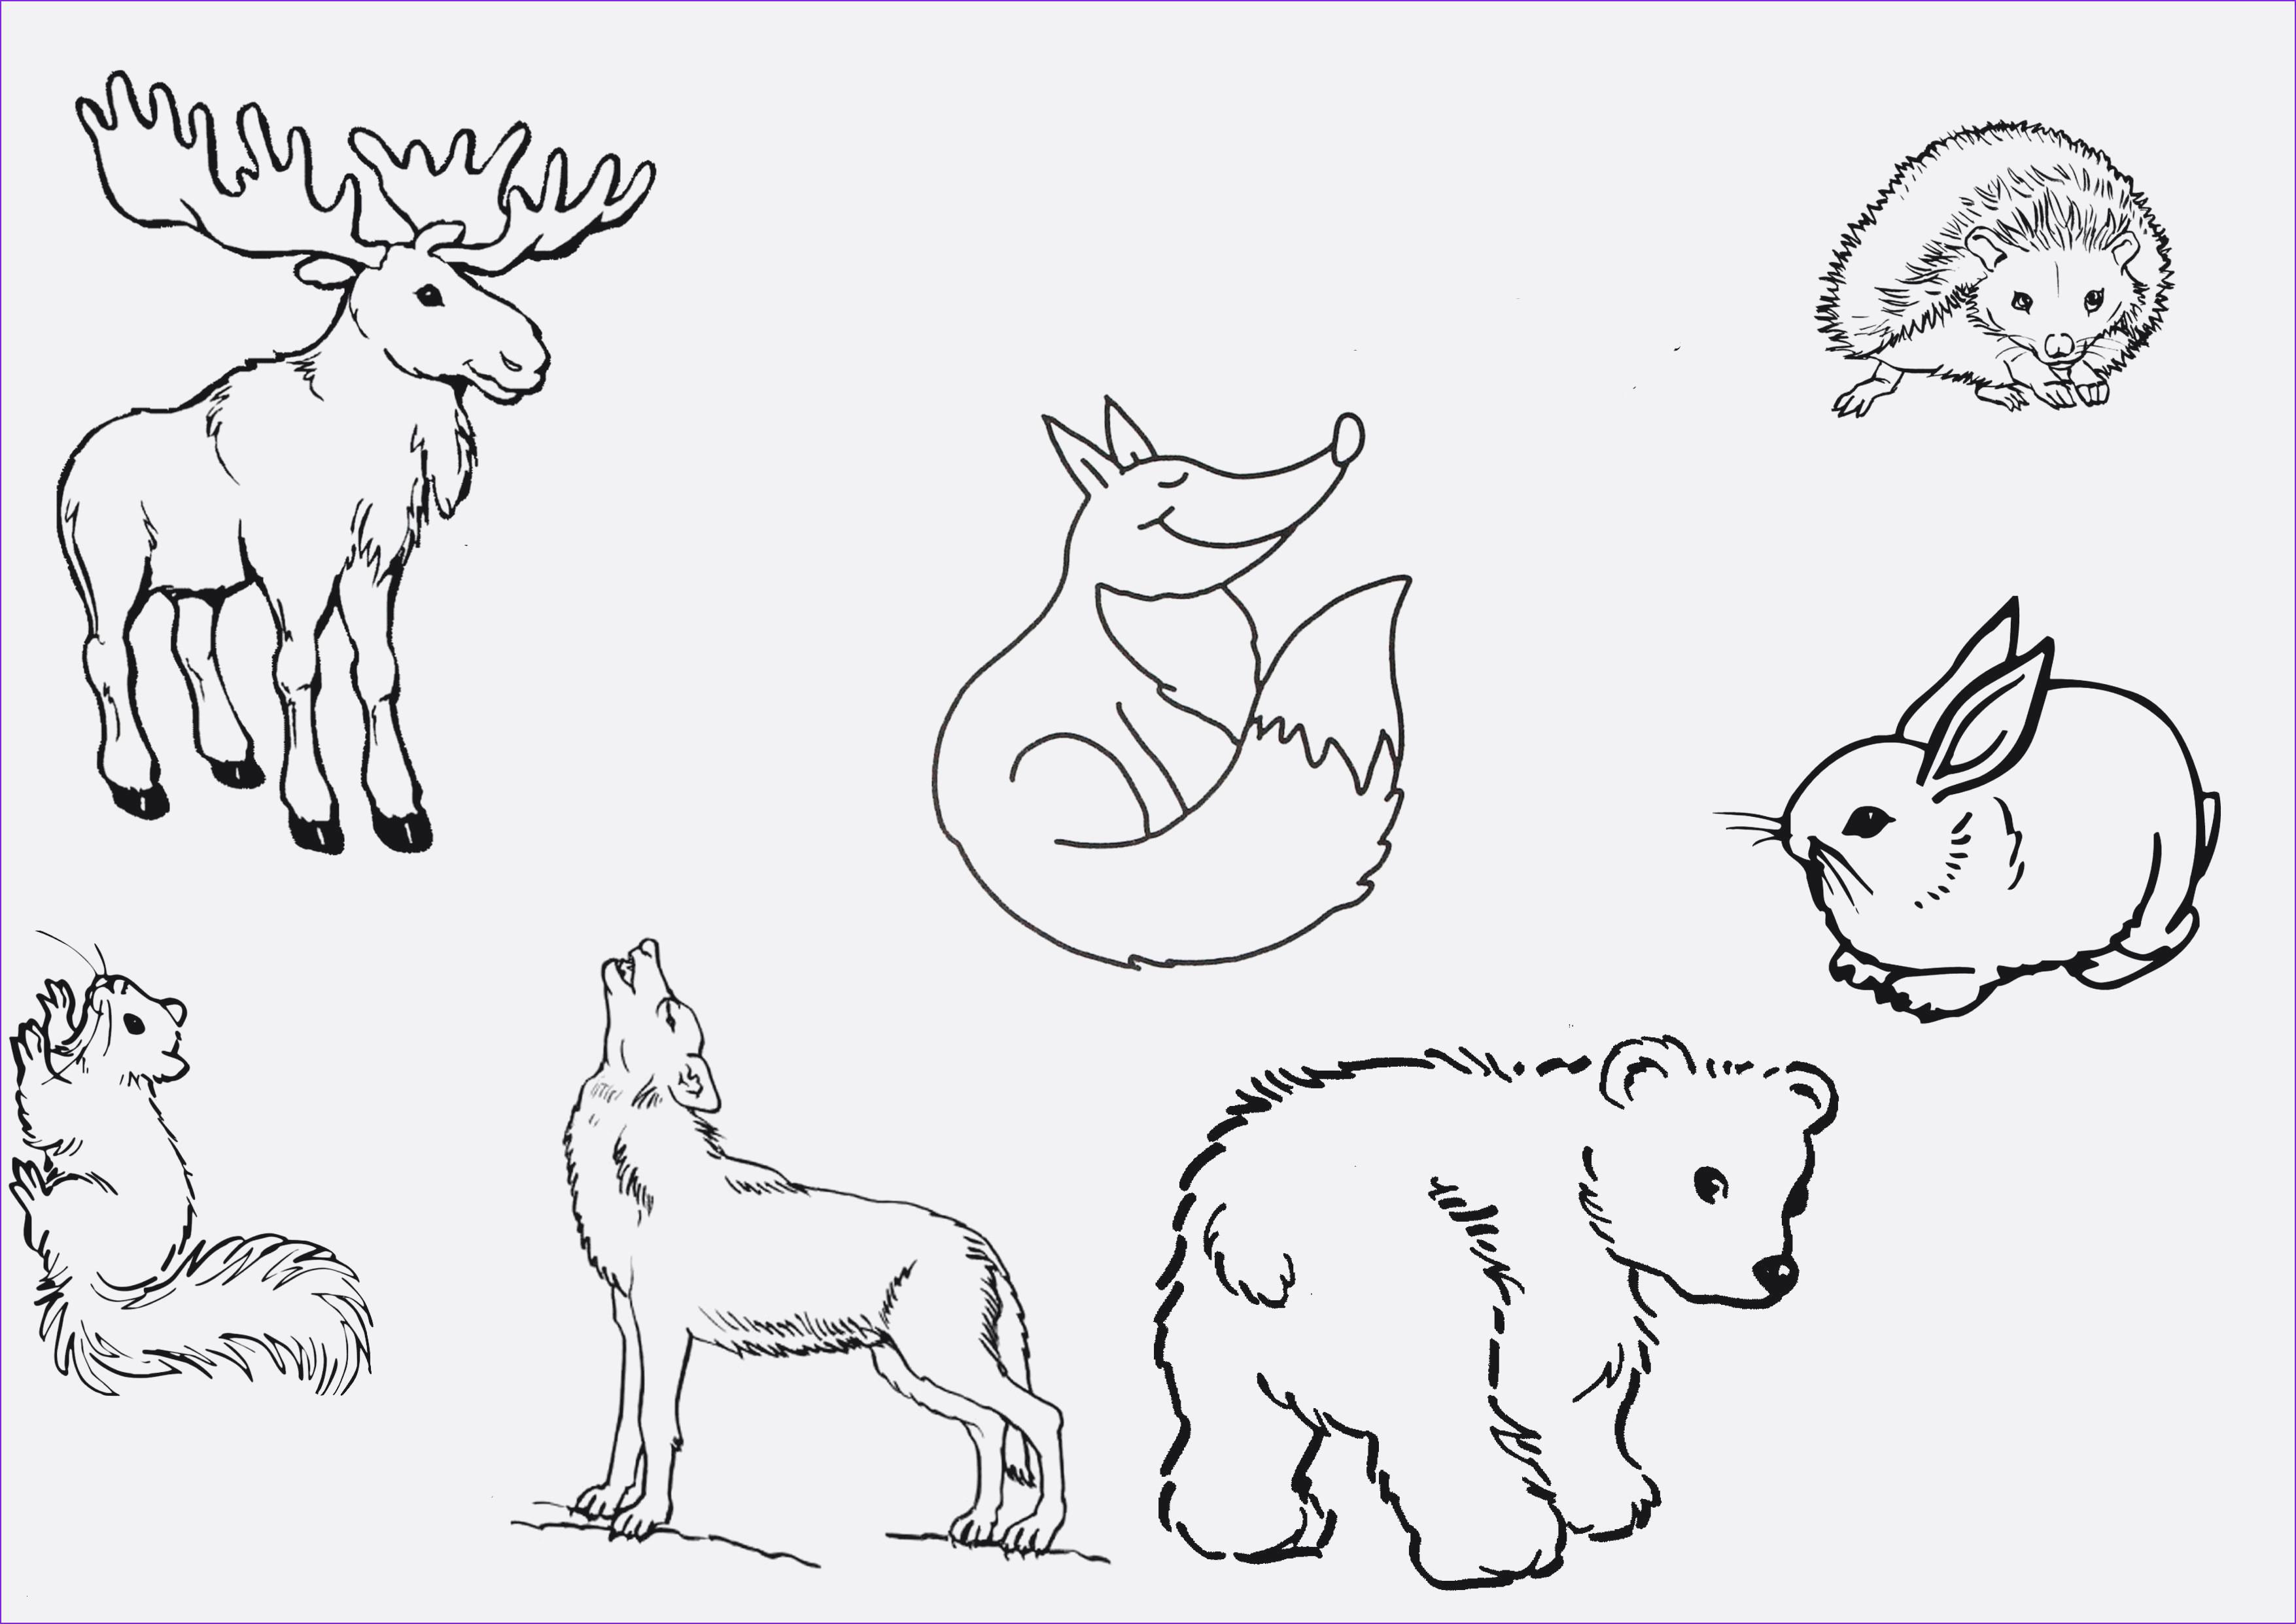 Ausmalbilder Weihnachten Disney Kostenlos Inspirierend Ausmalbilder Zum Drucken Kostenlos 10 Best Ausmalbilder Galerie